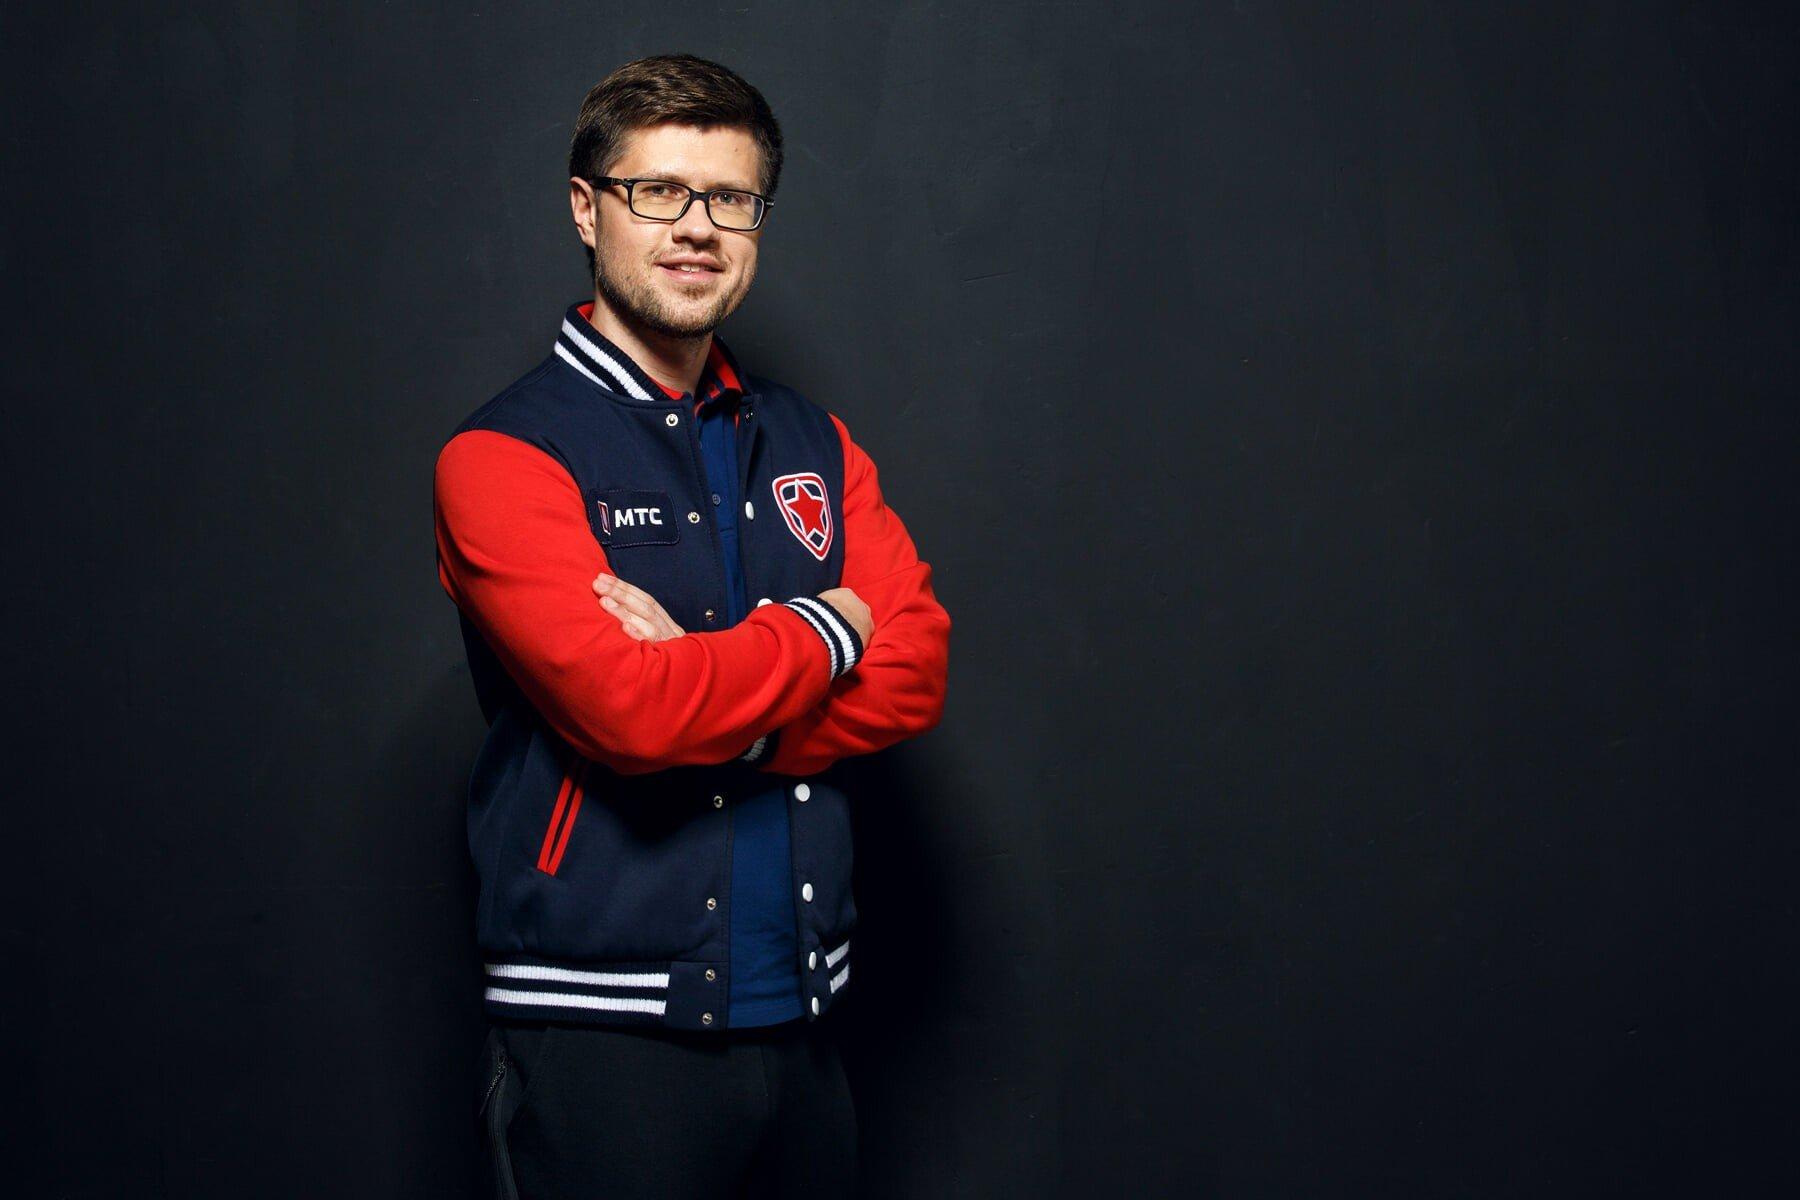 CEO Gambit Цель команды закрепиться в топ5 мира